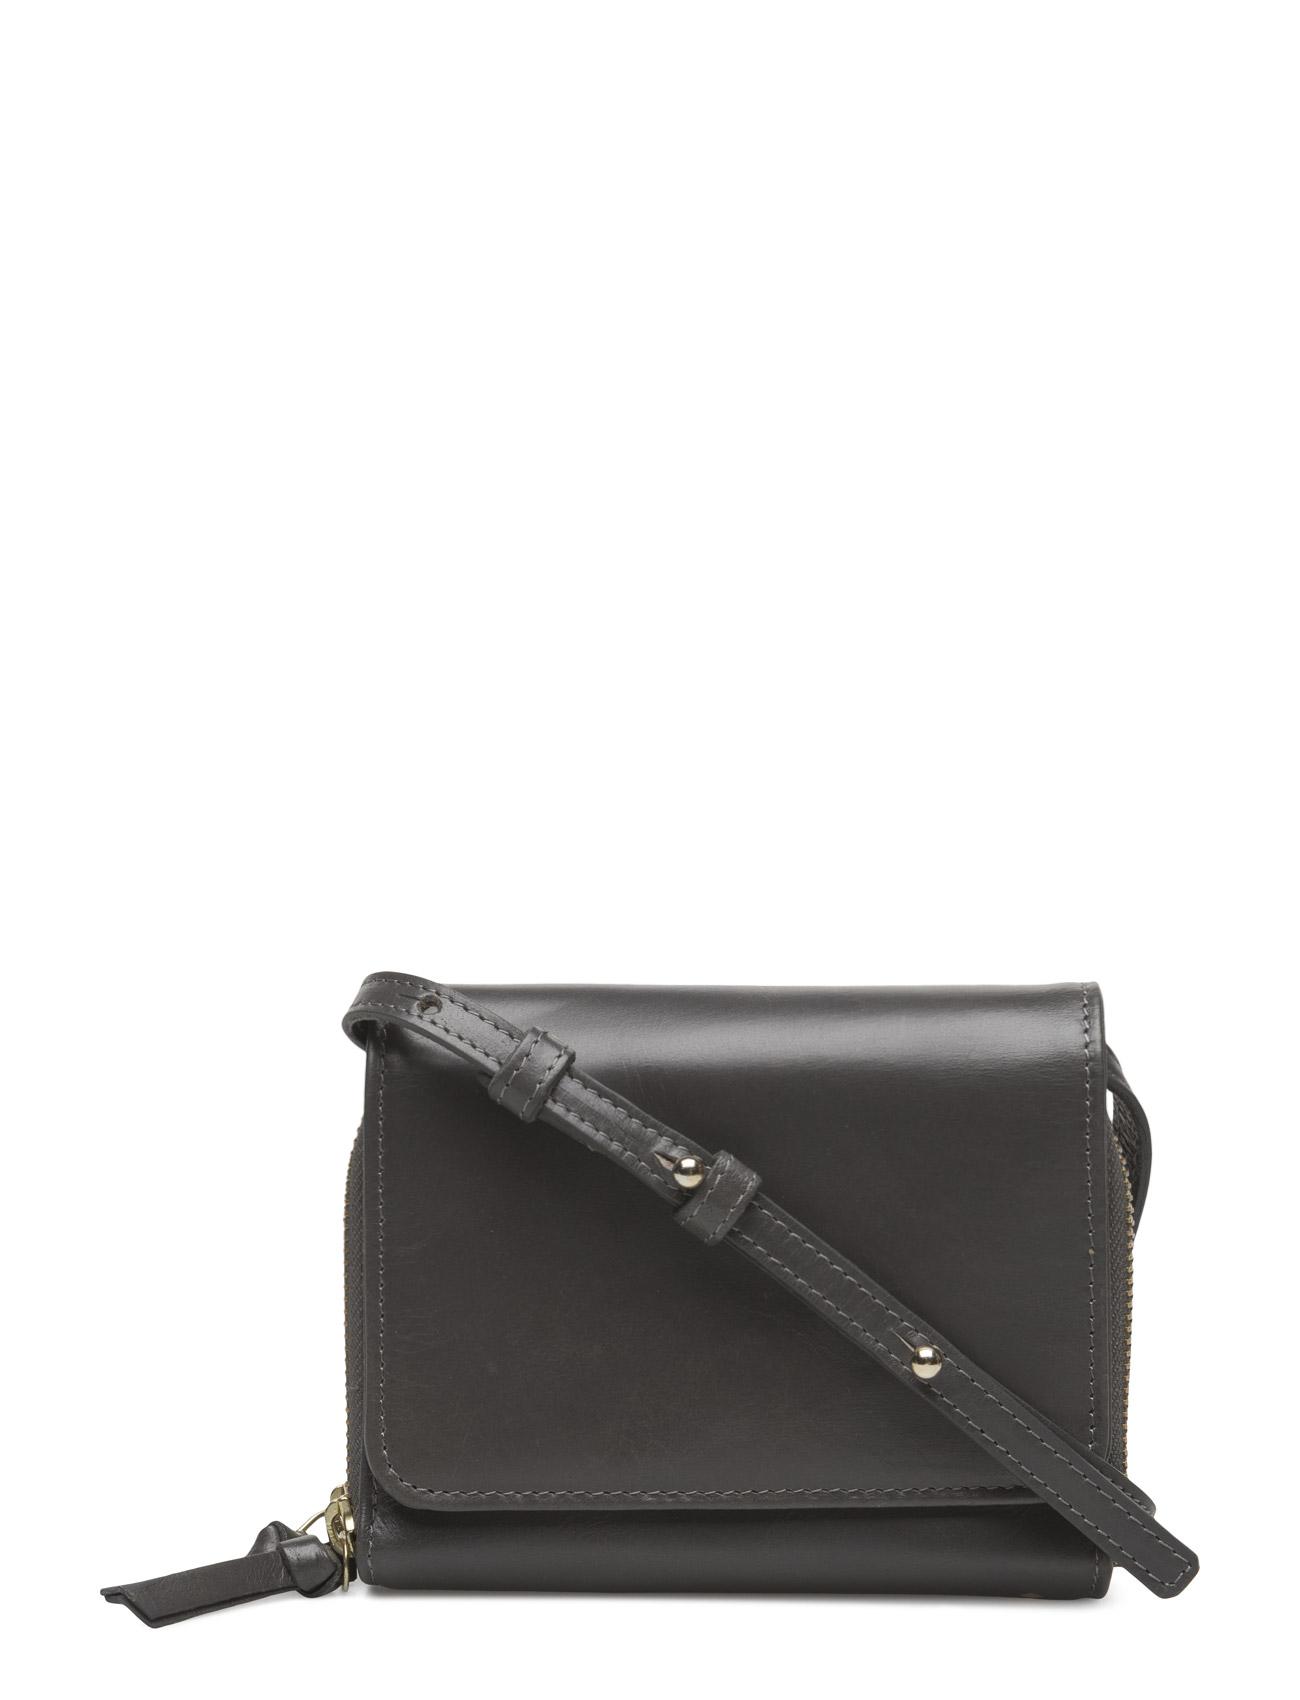 Raf Miniature Bag Royal RepubliQ Små tasker til Damer i Antracit grå